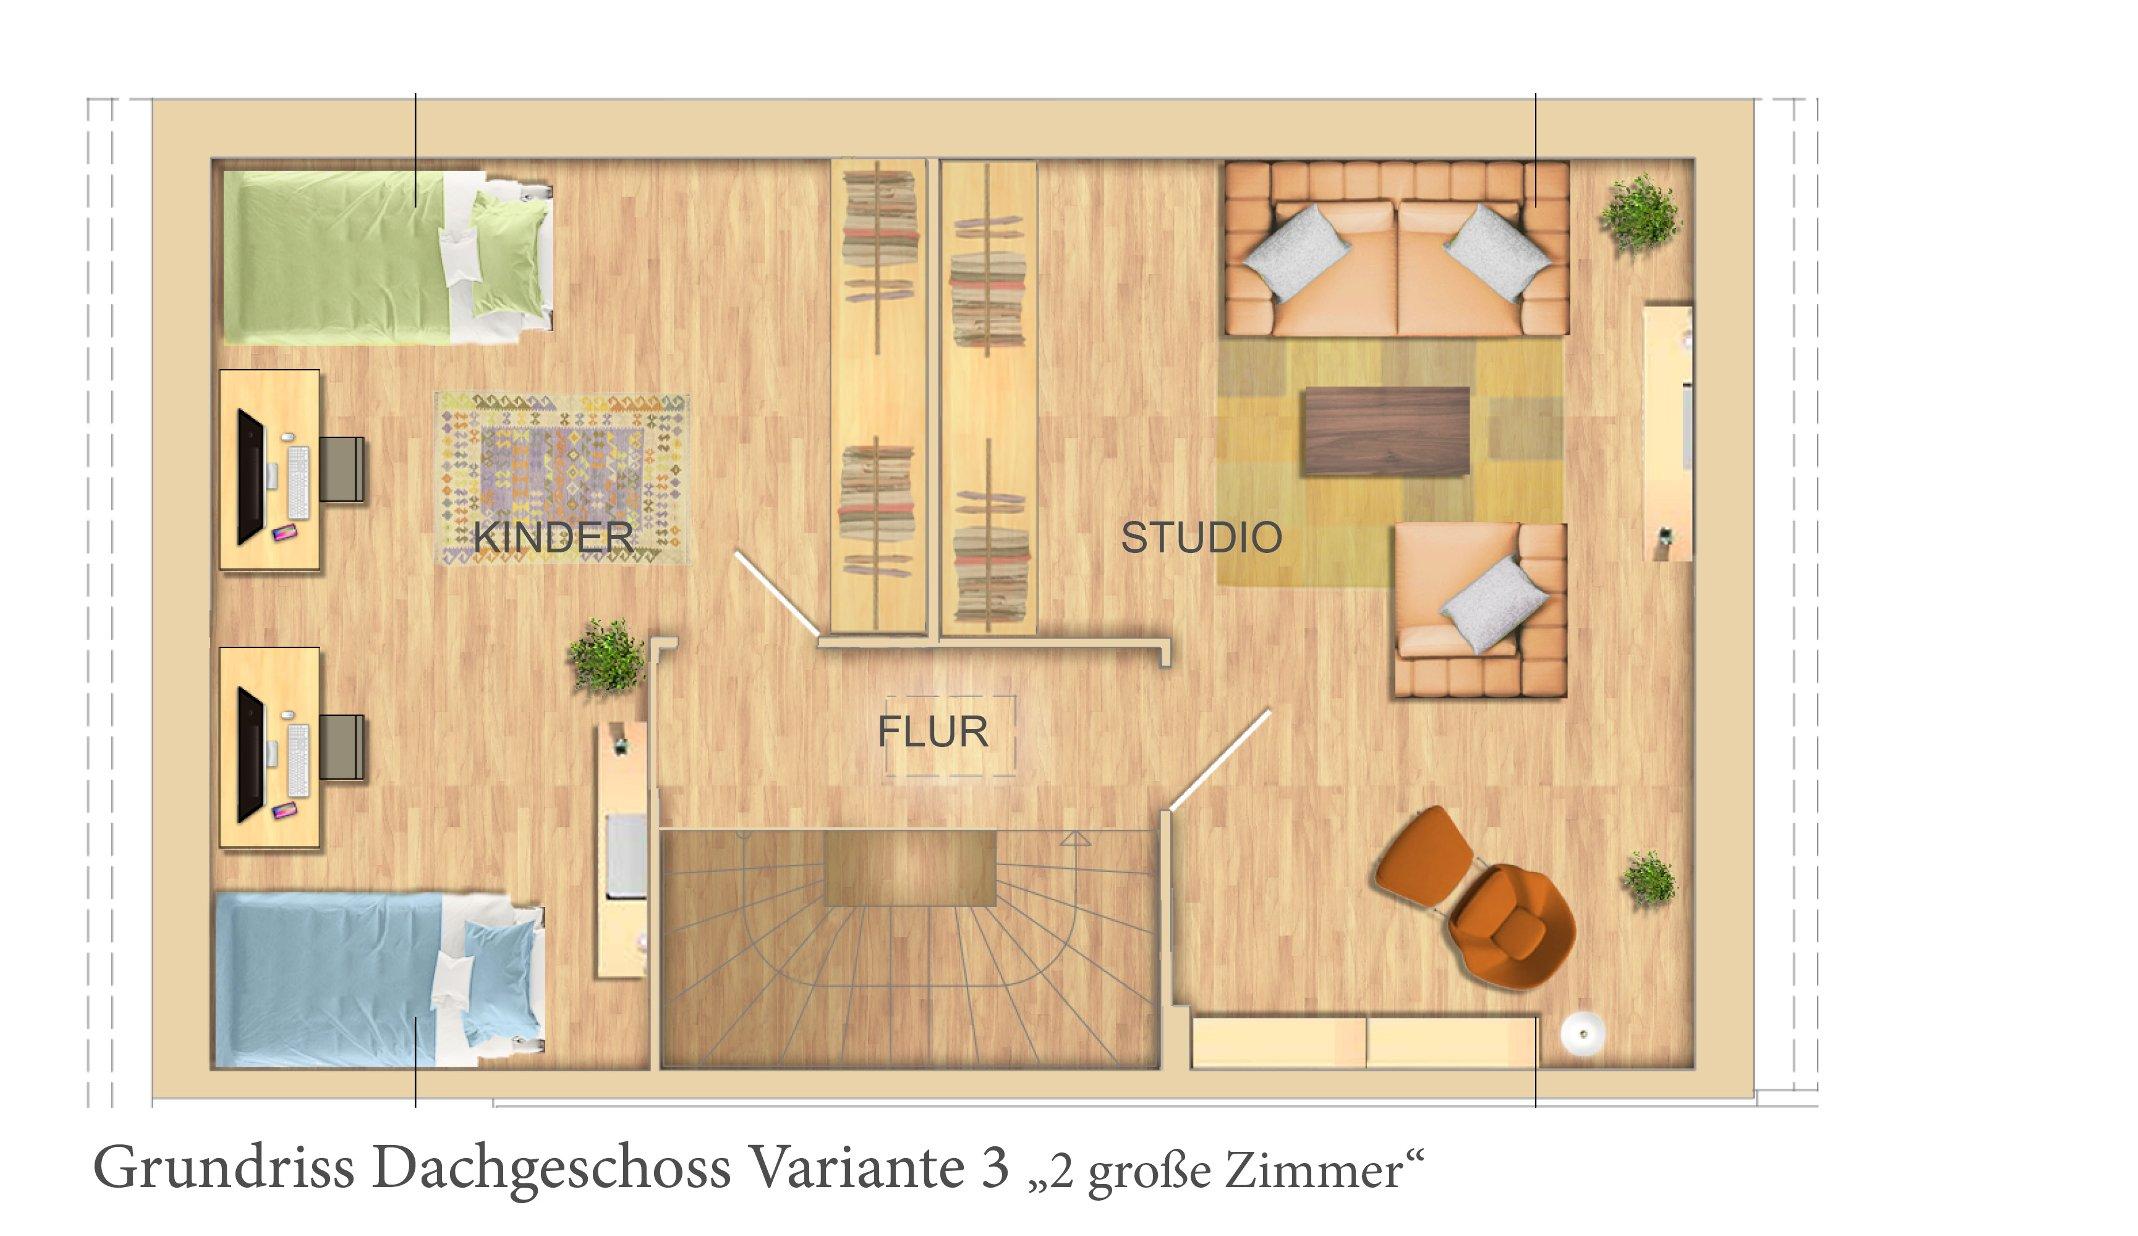 DG mit 2 Zimmern